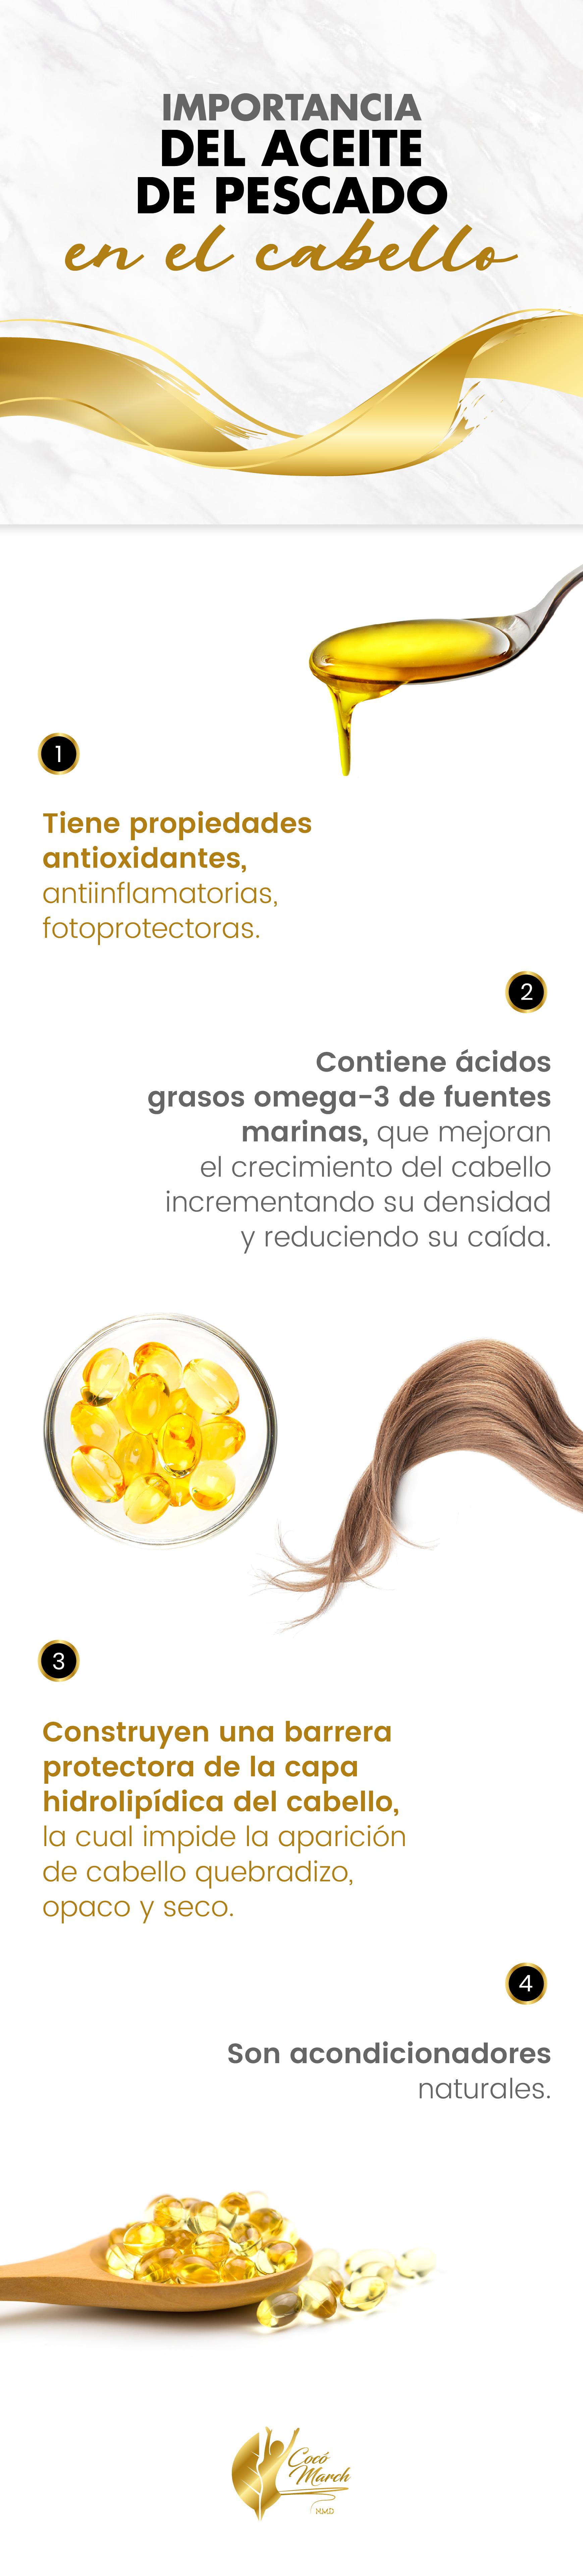 importancia-del-aceite-de-pescado-para-el-cabello